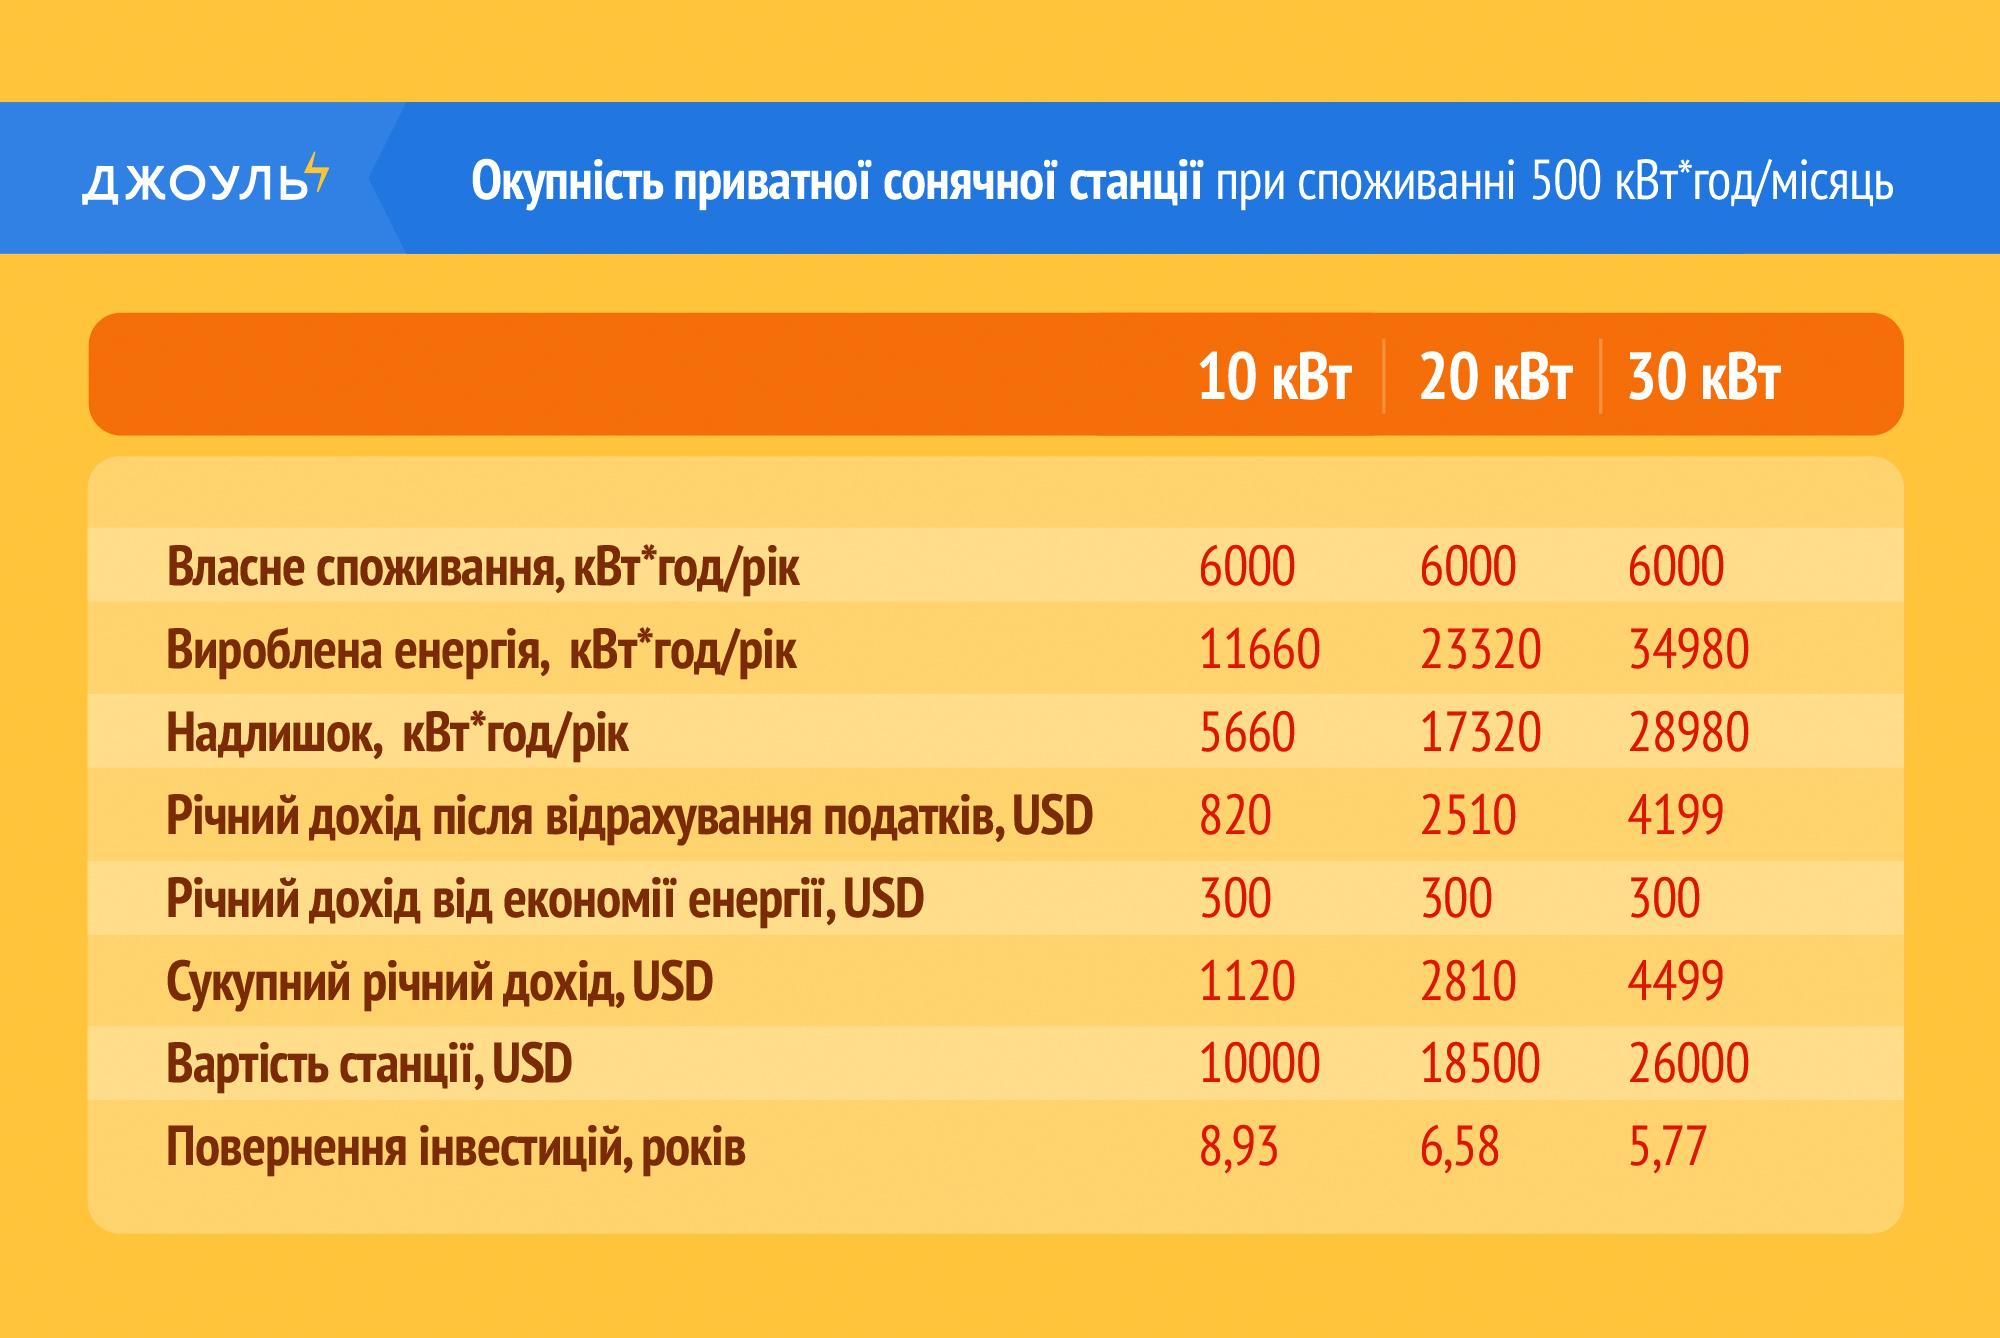 Розрахунок терміну окупності домашньої сонячної станції при споживанні 500 кВтг